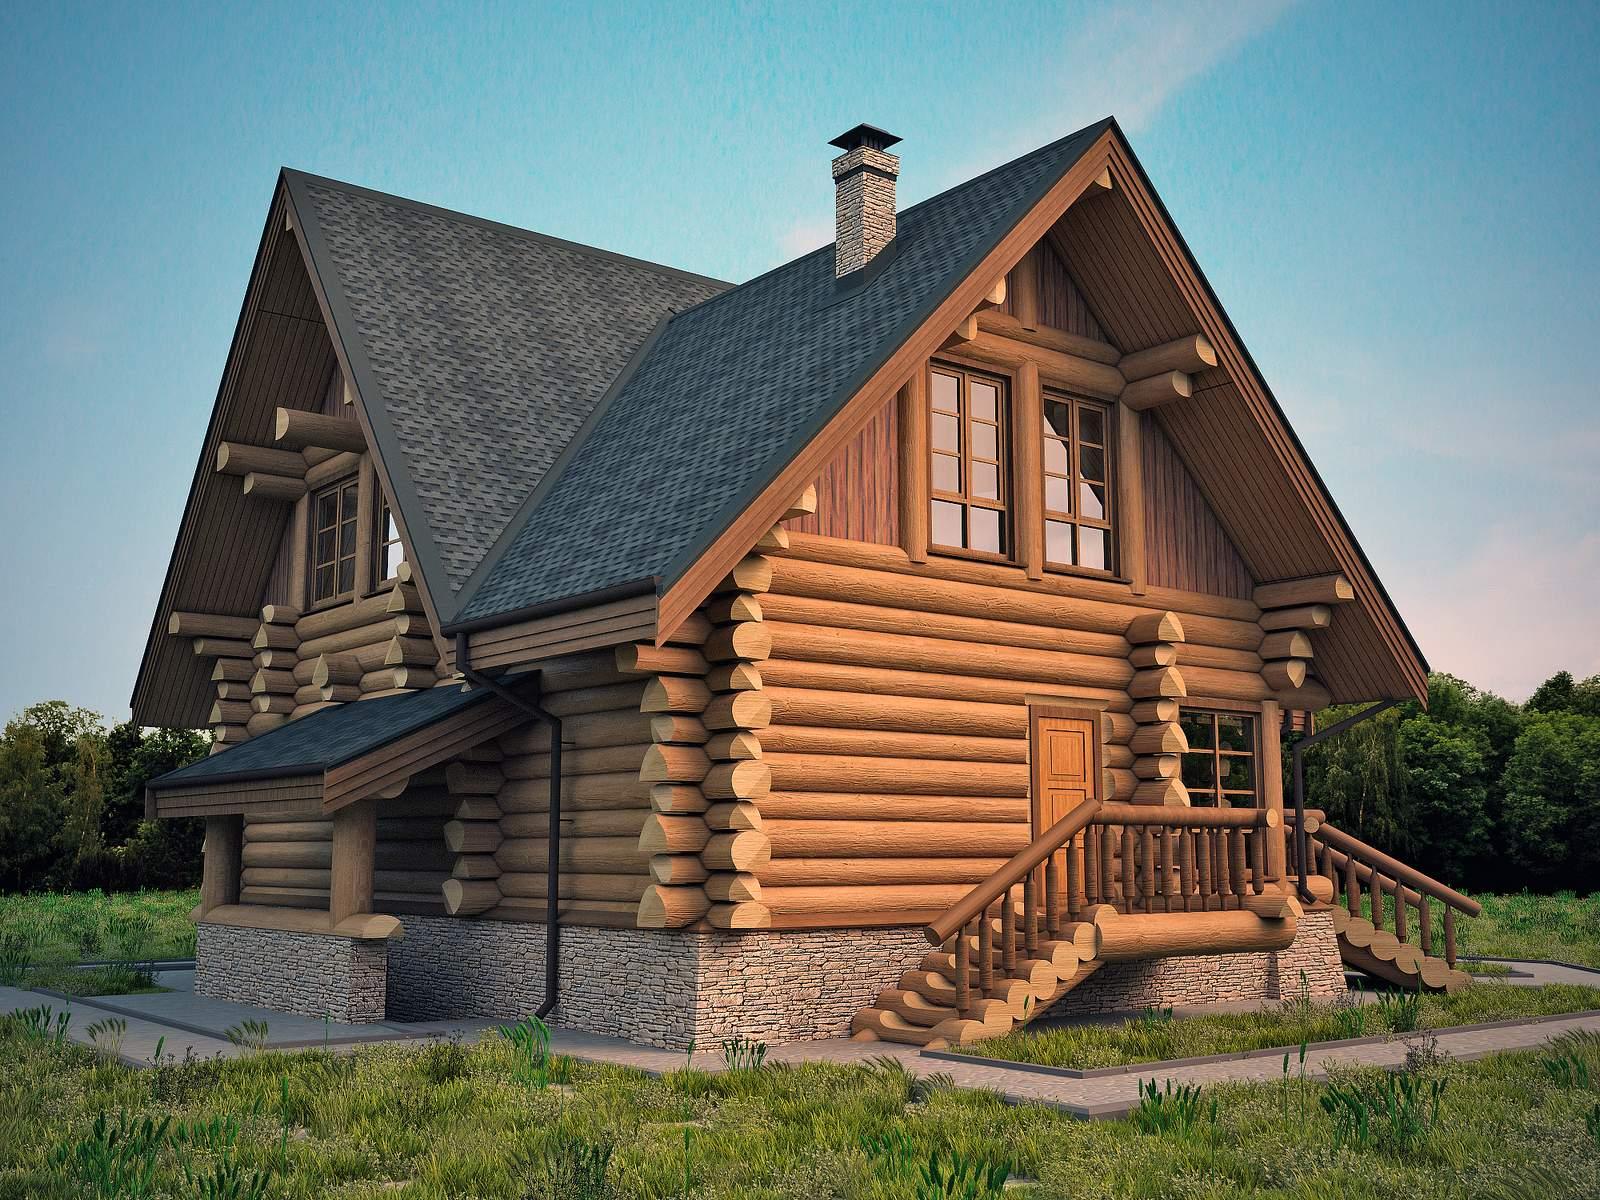 2012.006_Баня_04_005_tn.jpg